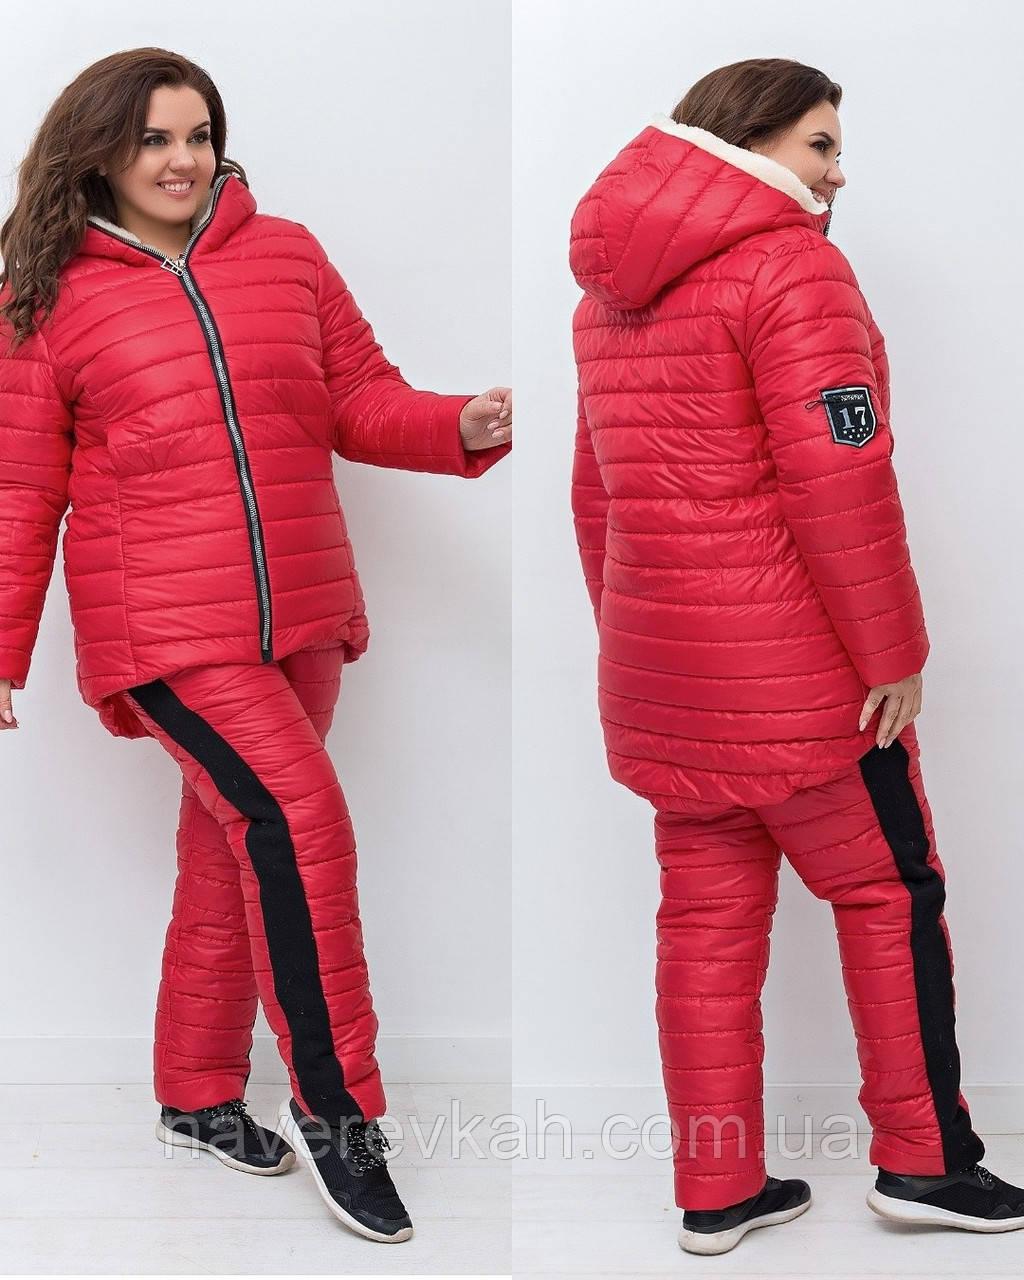 Женский зимний теплый спортивный костюм плащевка на силиконе красный черный 50 52 54 56